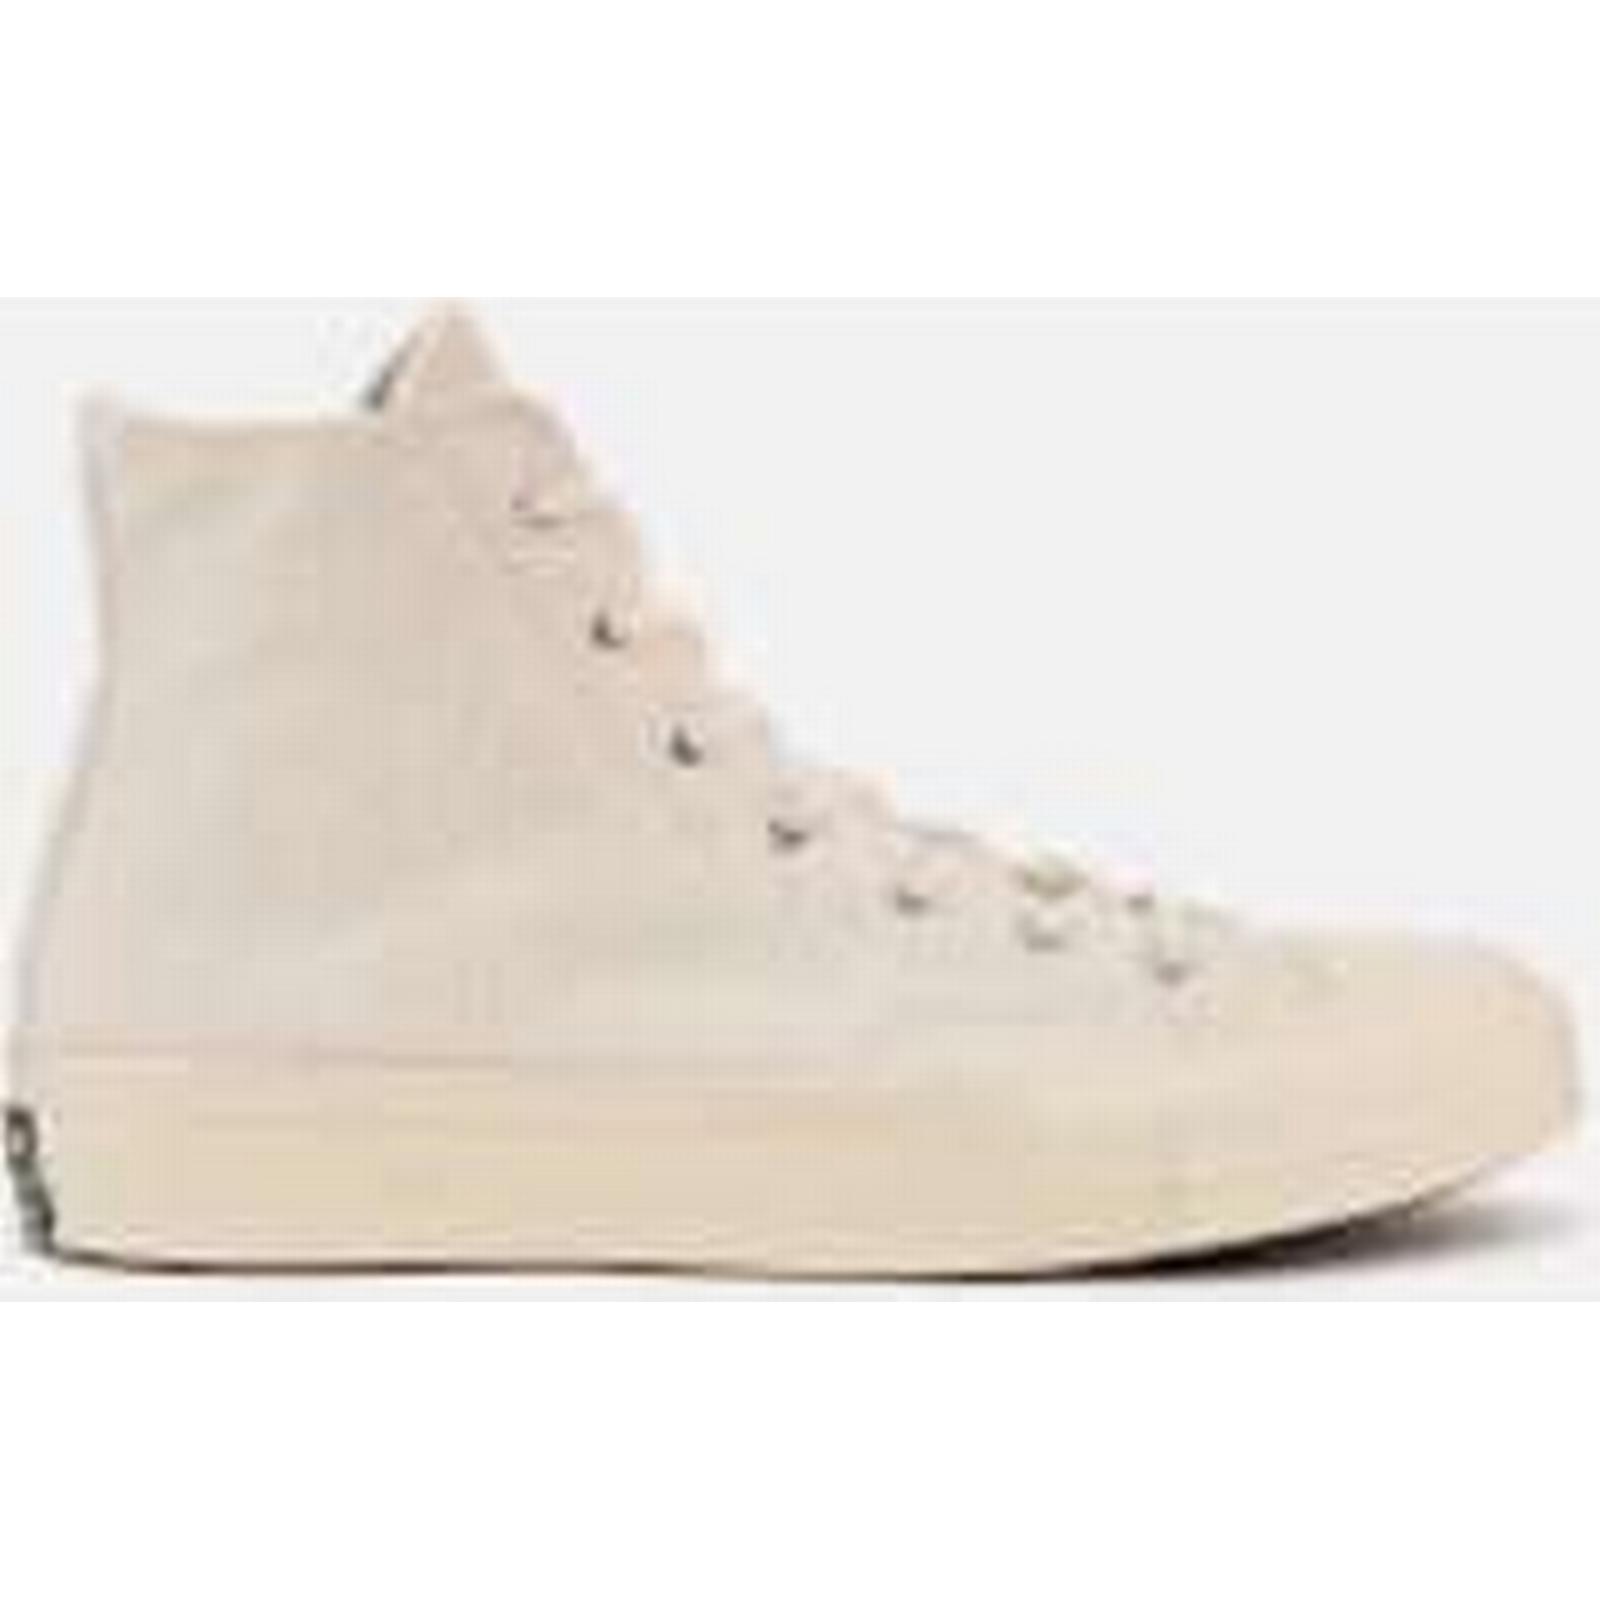 Converse Chuck Taylor All - Star 70 Hi-Top Trainers - All Egret - UK 4 - Cream c30879